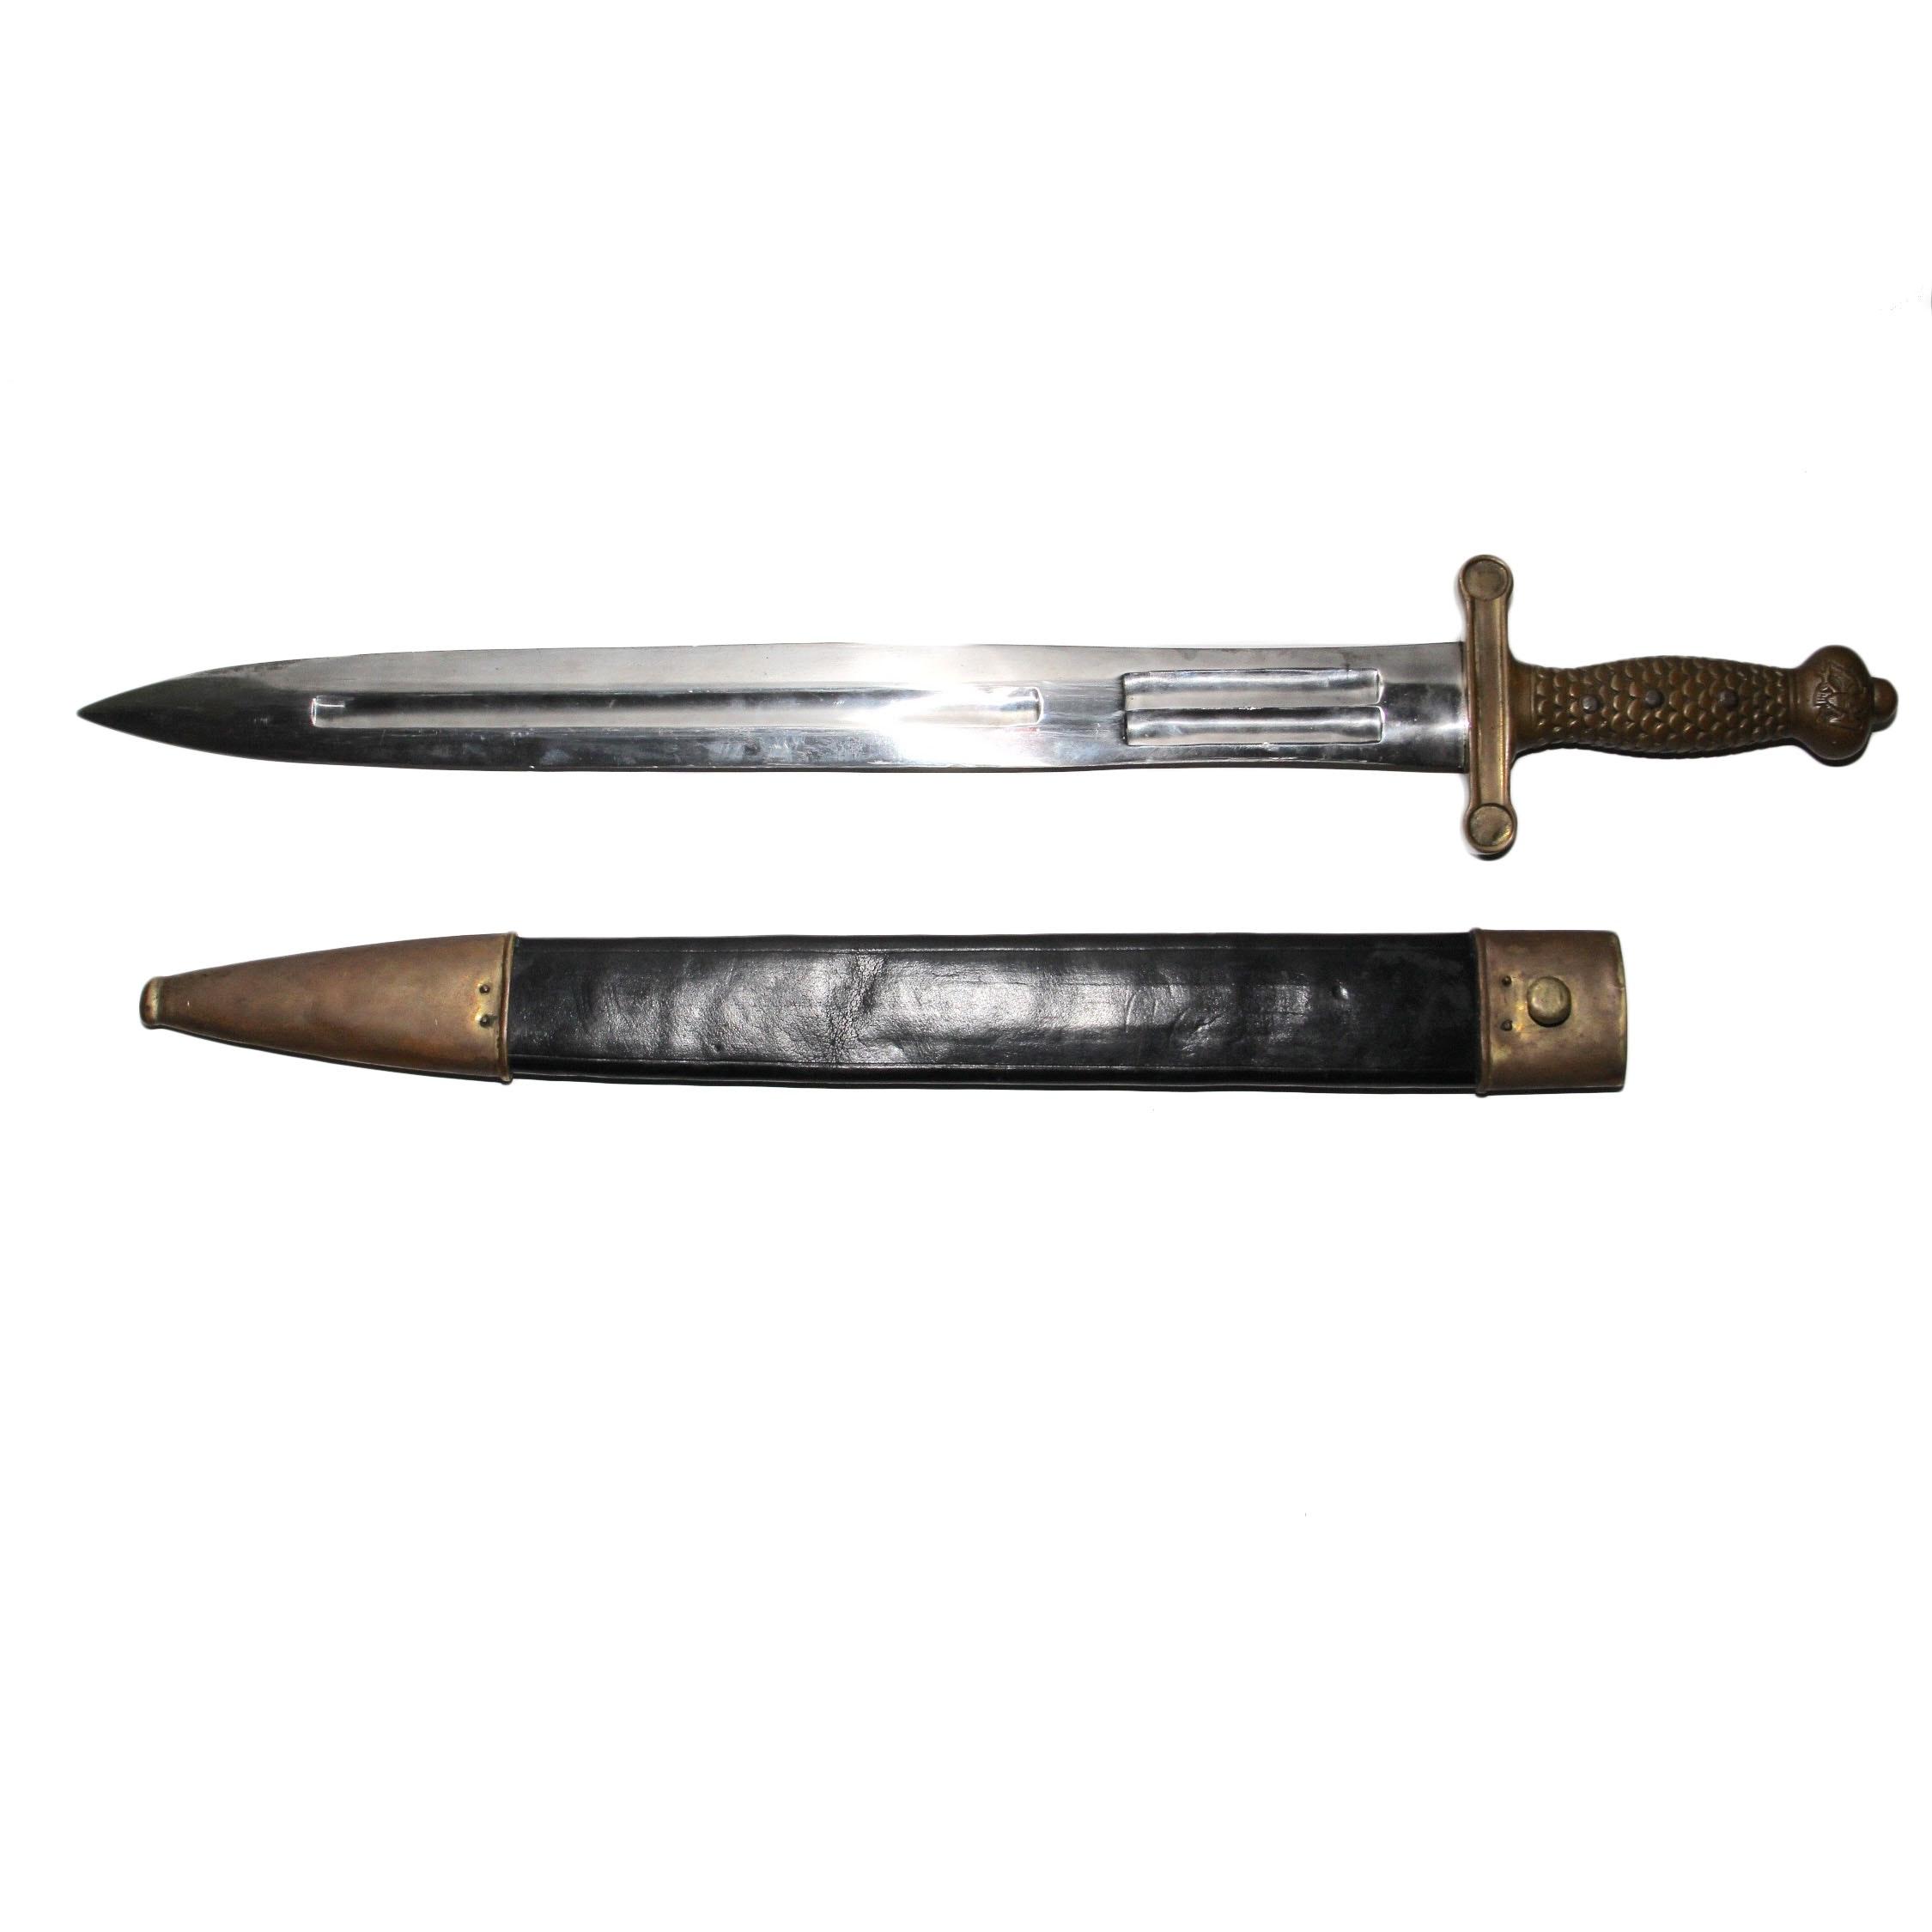 Replica Civil War Era Ames Short Sword